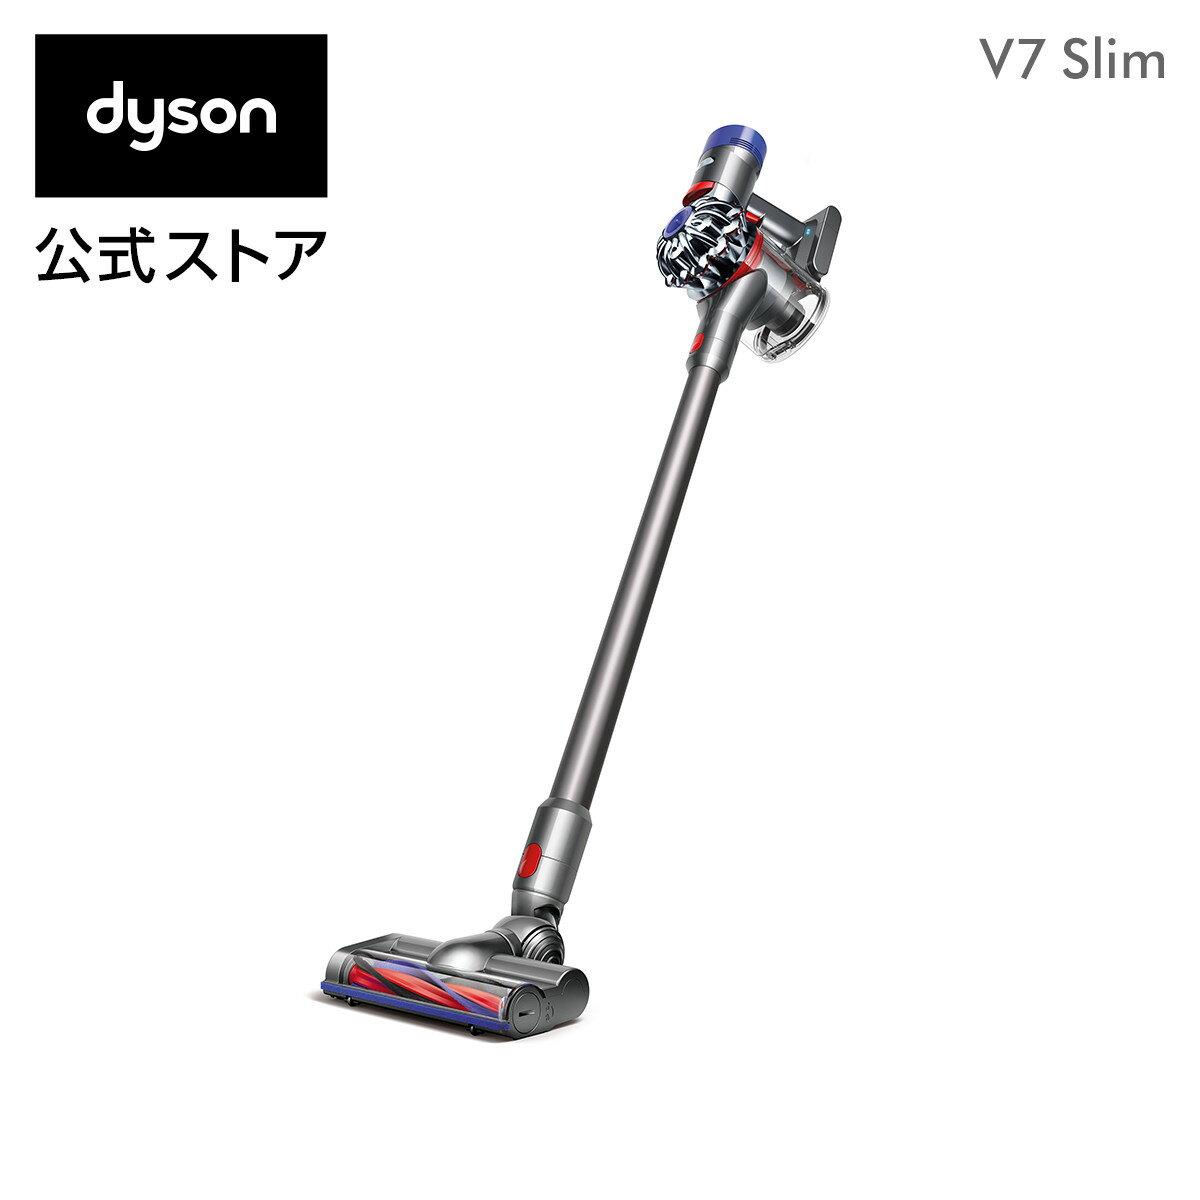 コードレス掃除機「Dyson V7 Slim」